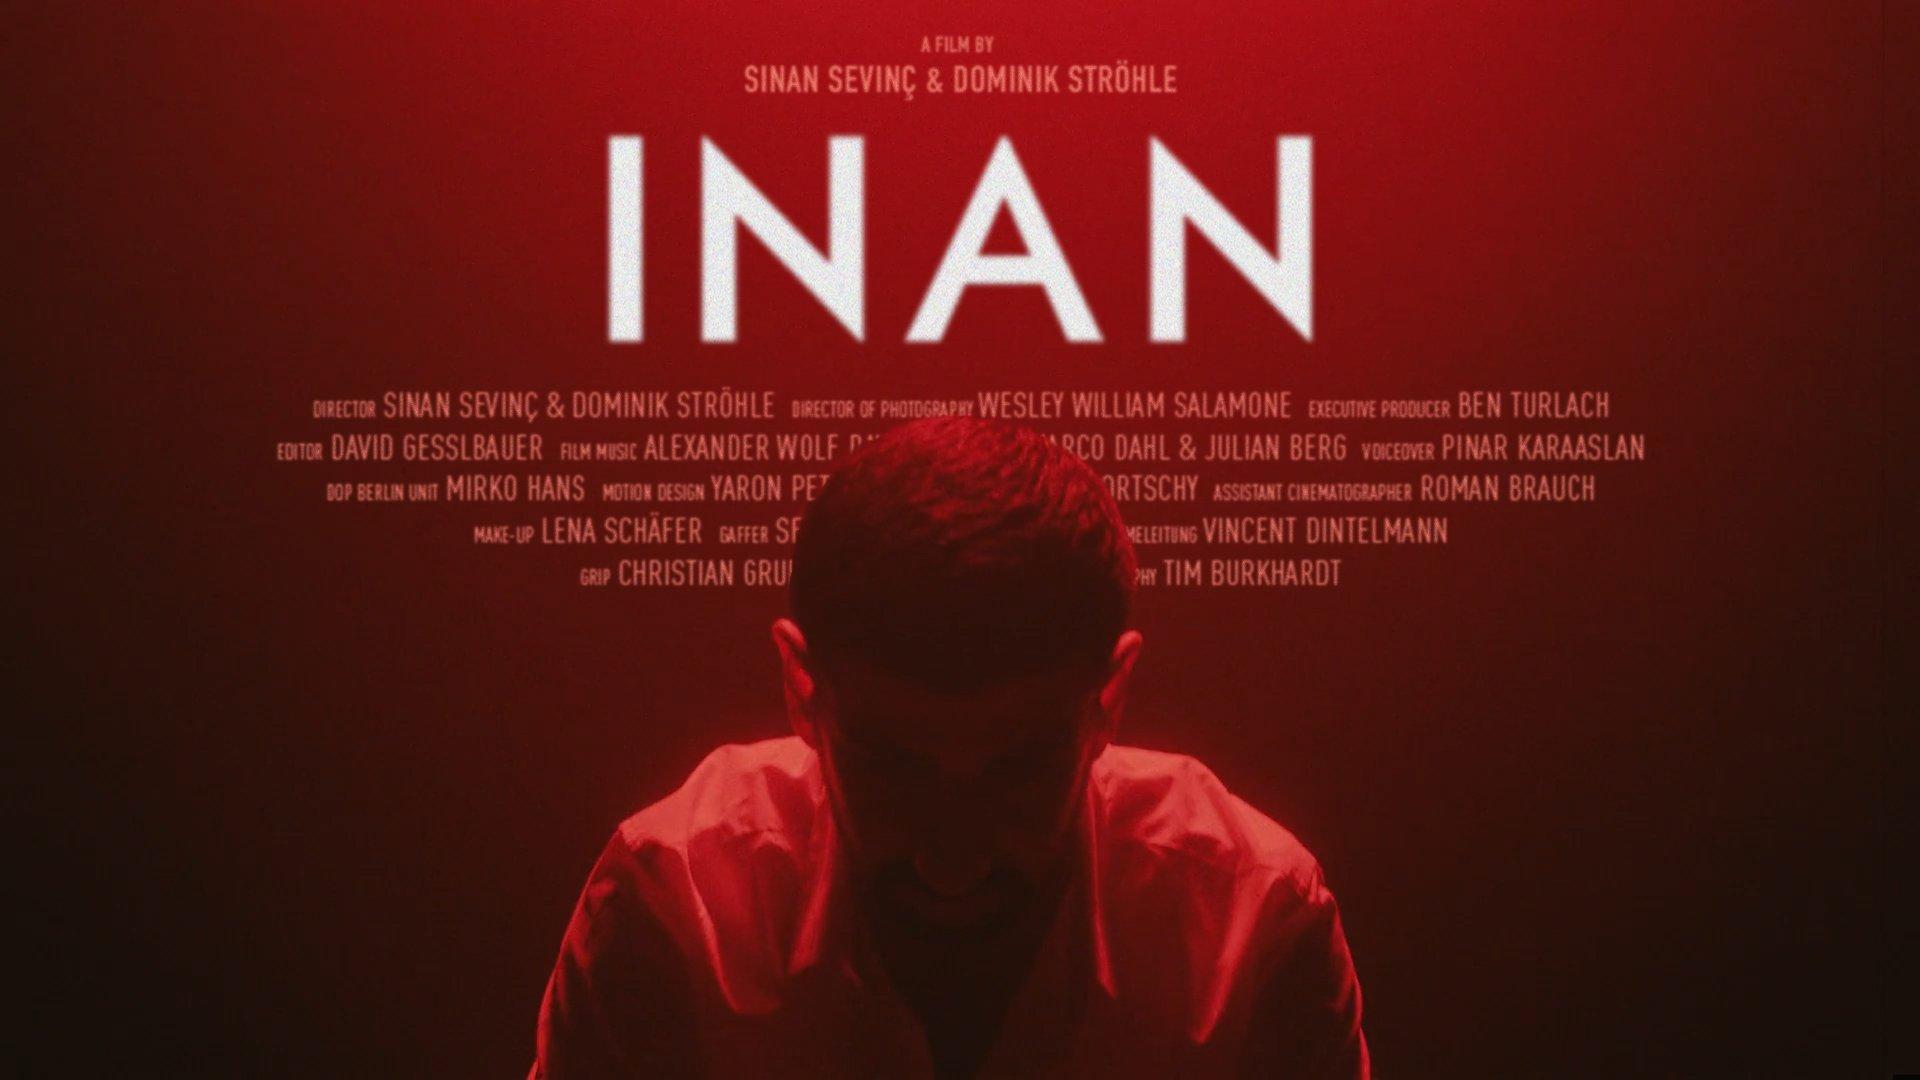 Thumbnail for INAN